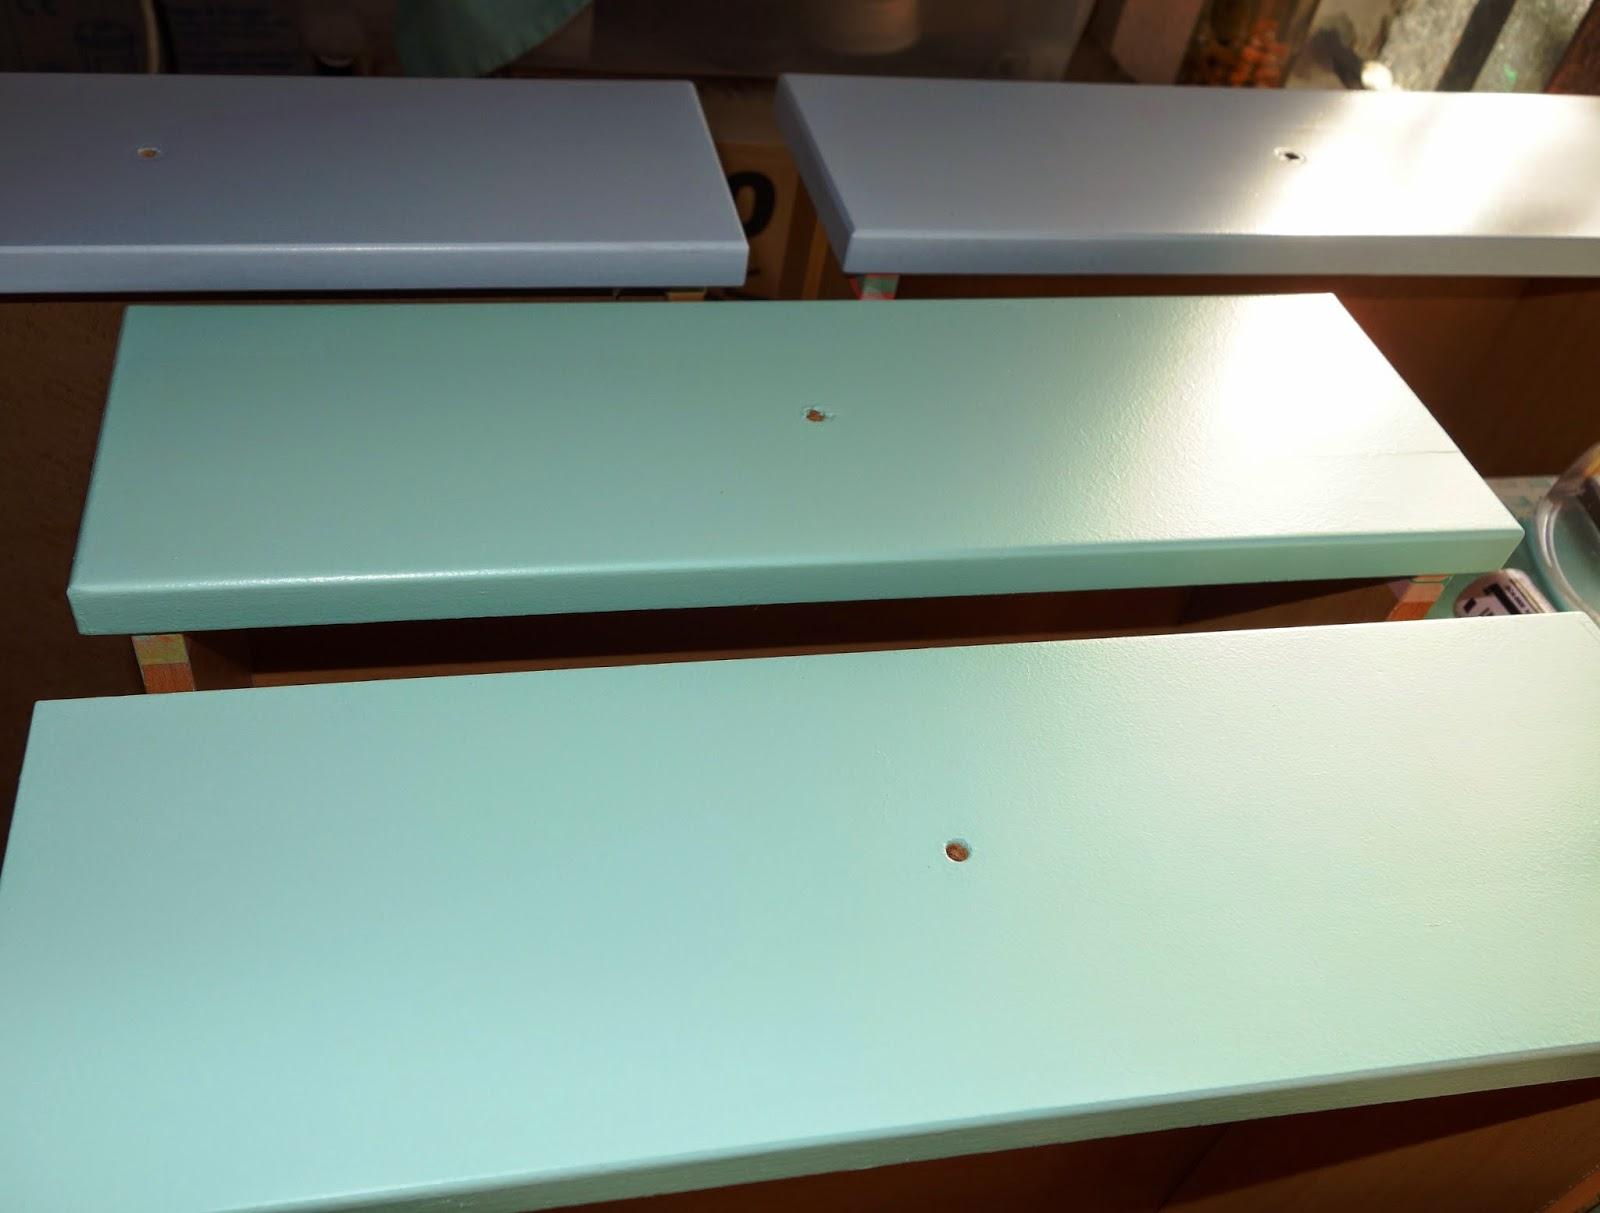 seconde vie pour mon buffet gr ce au vernis relooking de v33 initiales gg. Black Bedroom Furniture Sets. Home Design Ideas